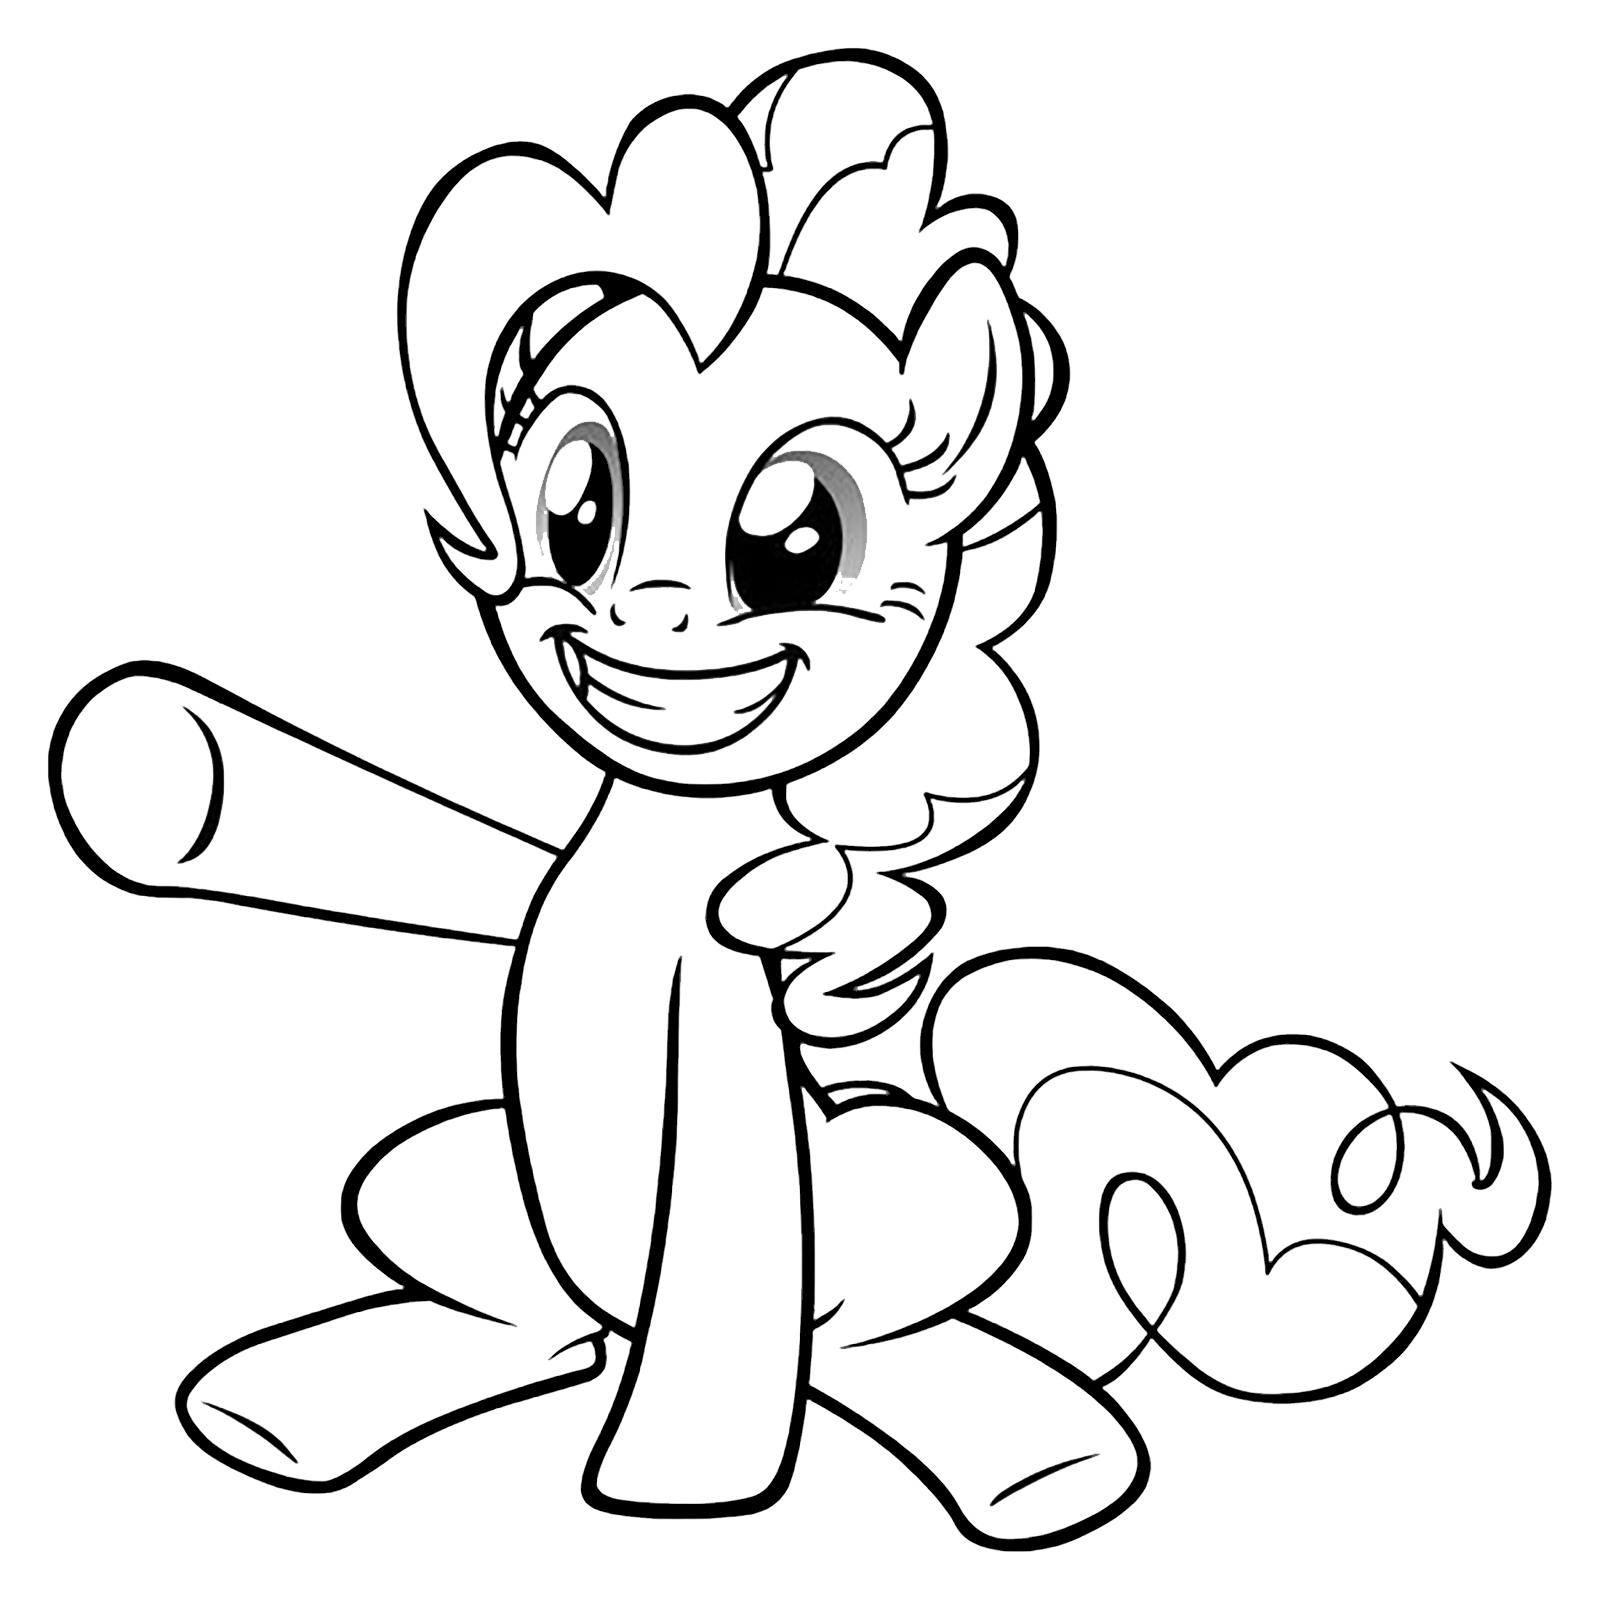 My Little Pony Pinkie Pie Alza Una Zampa E Sorride